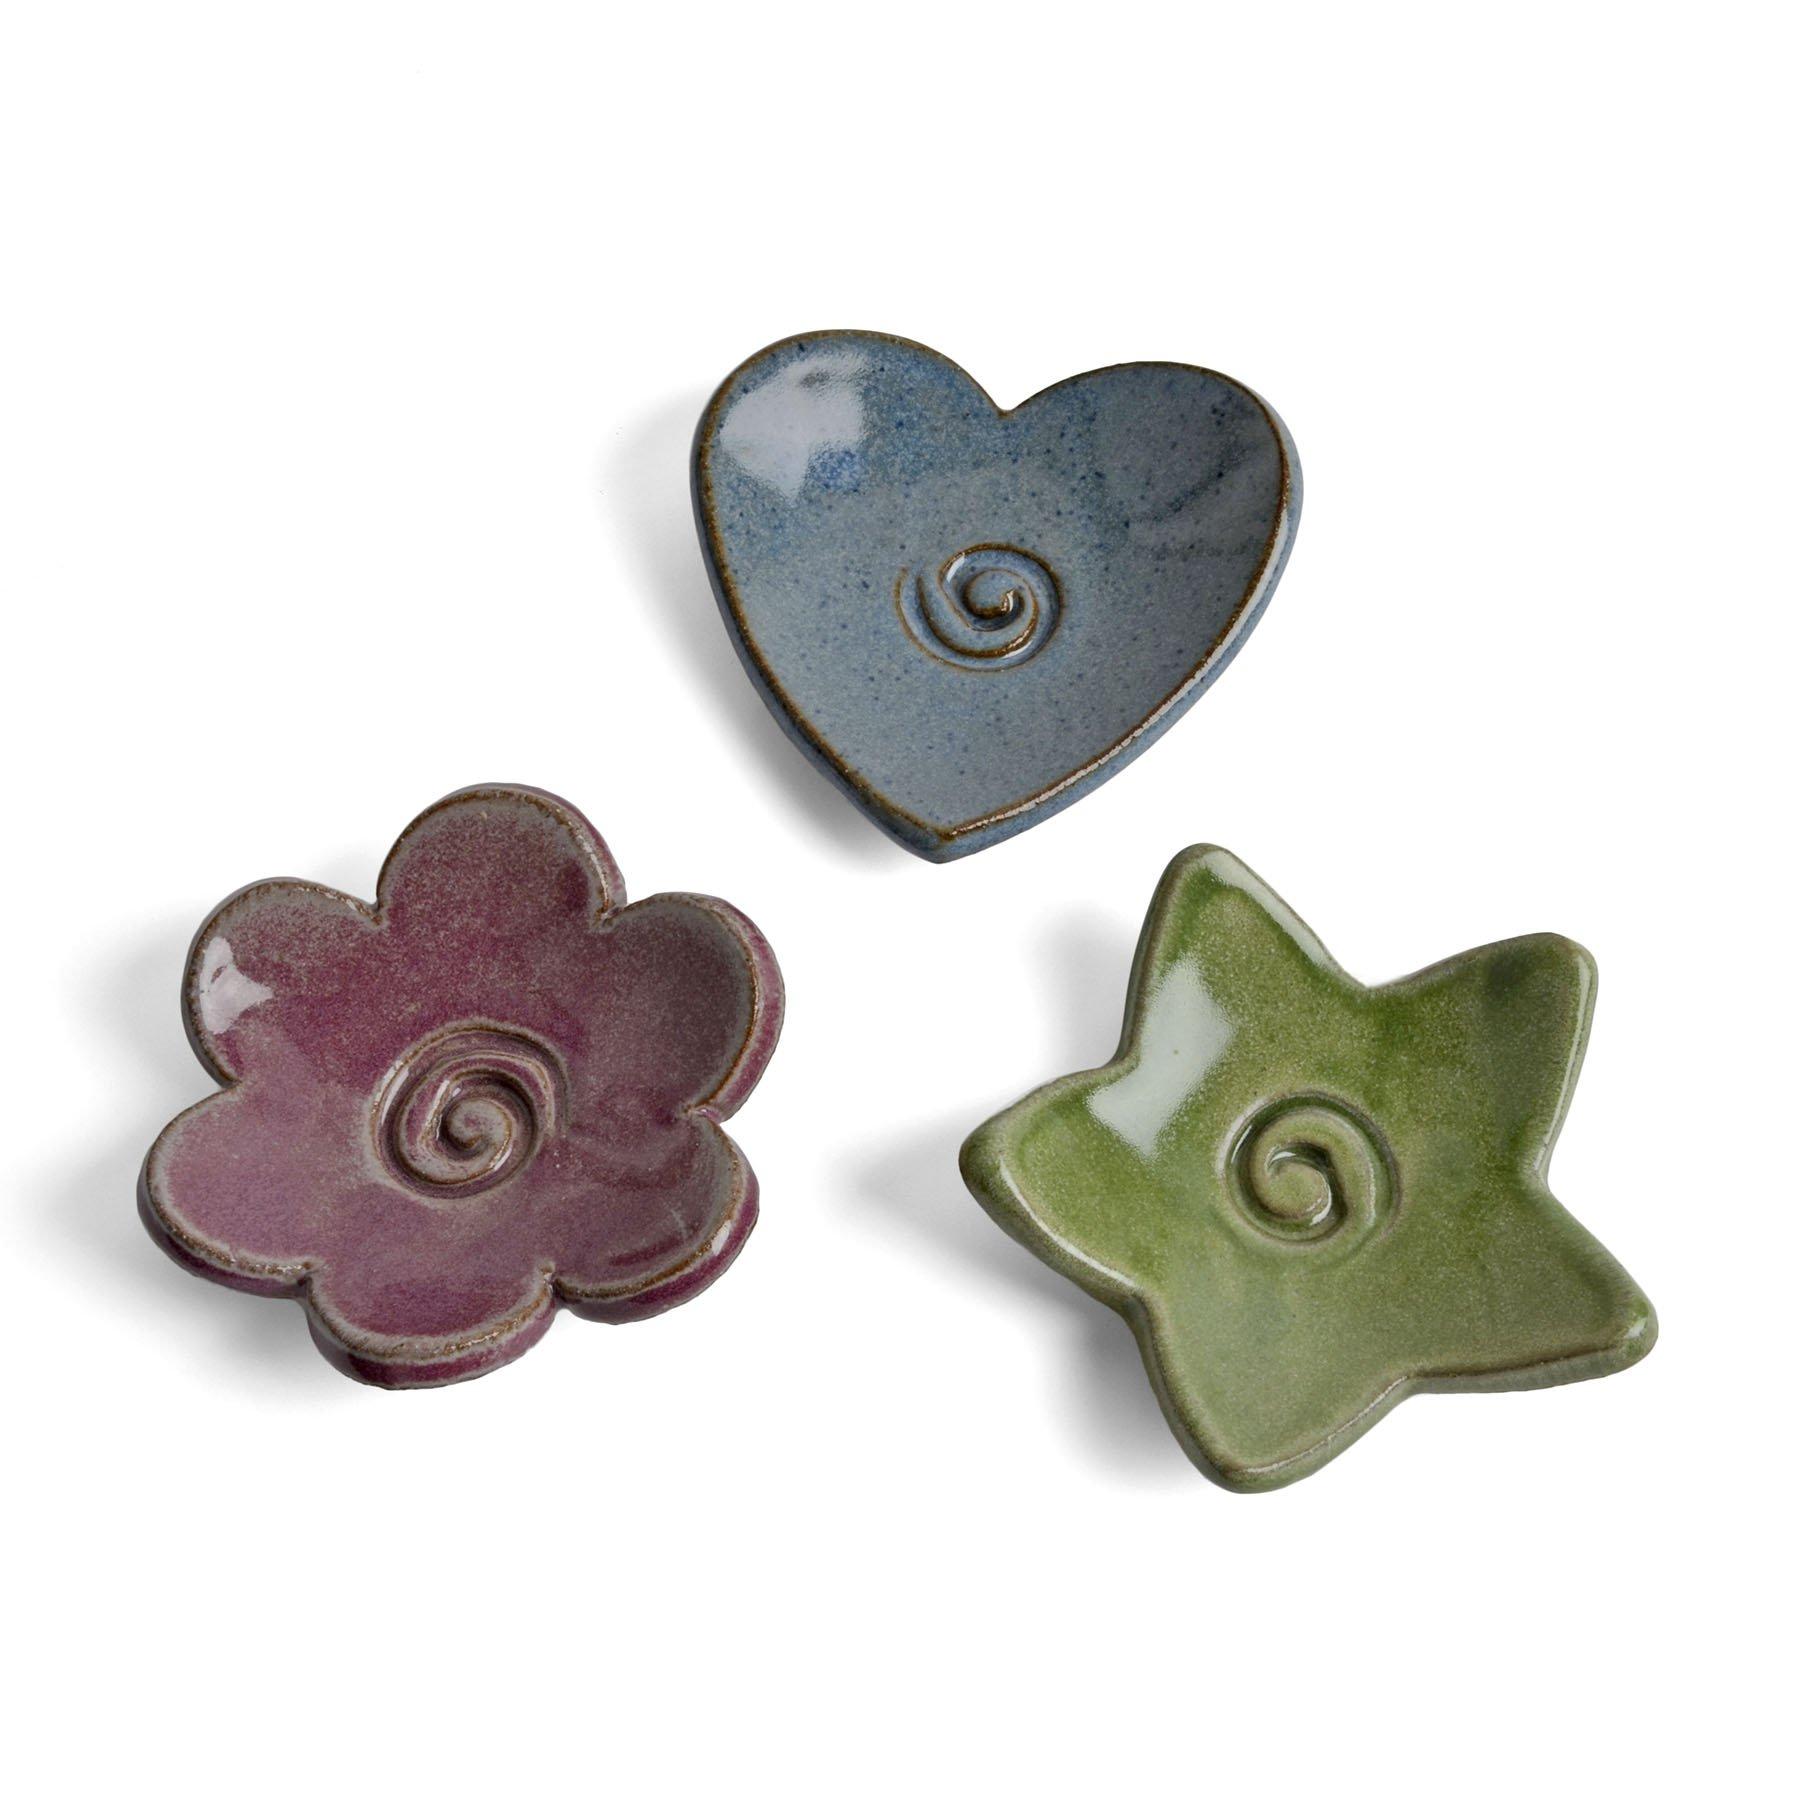 MudWorks Pottery Tea Bag Coasters Trinket Plates, Set of 3